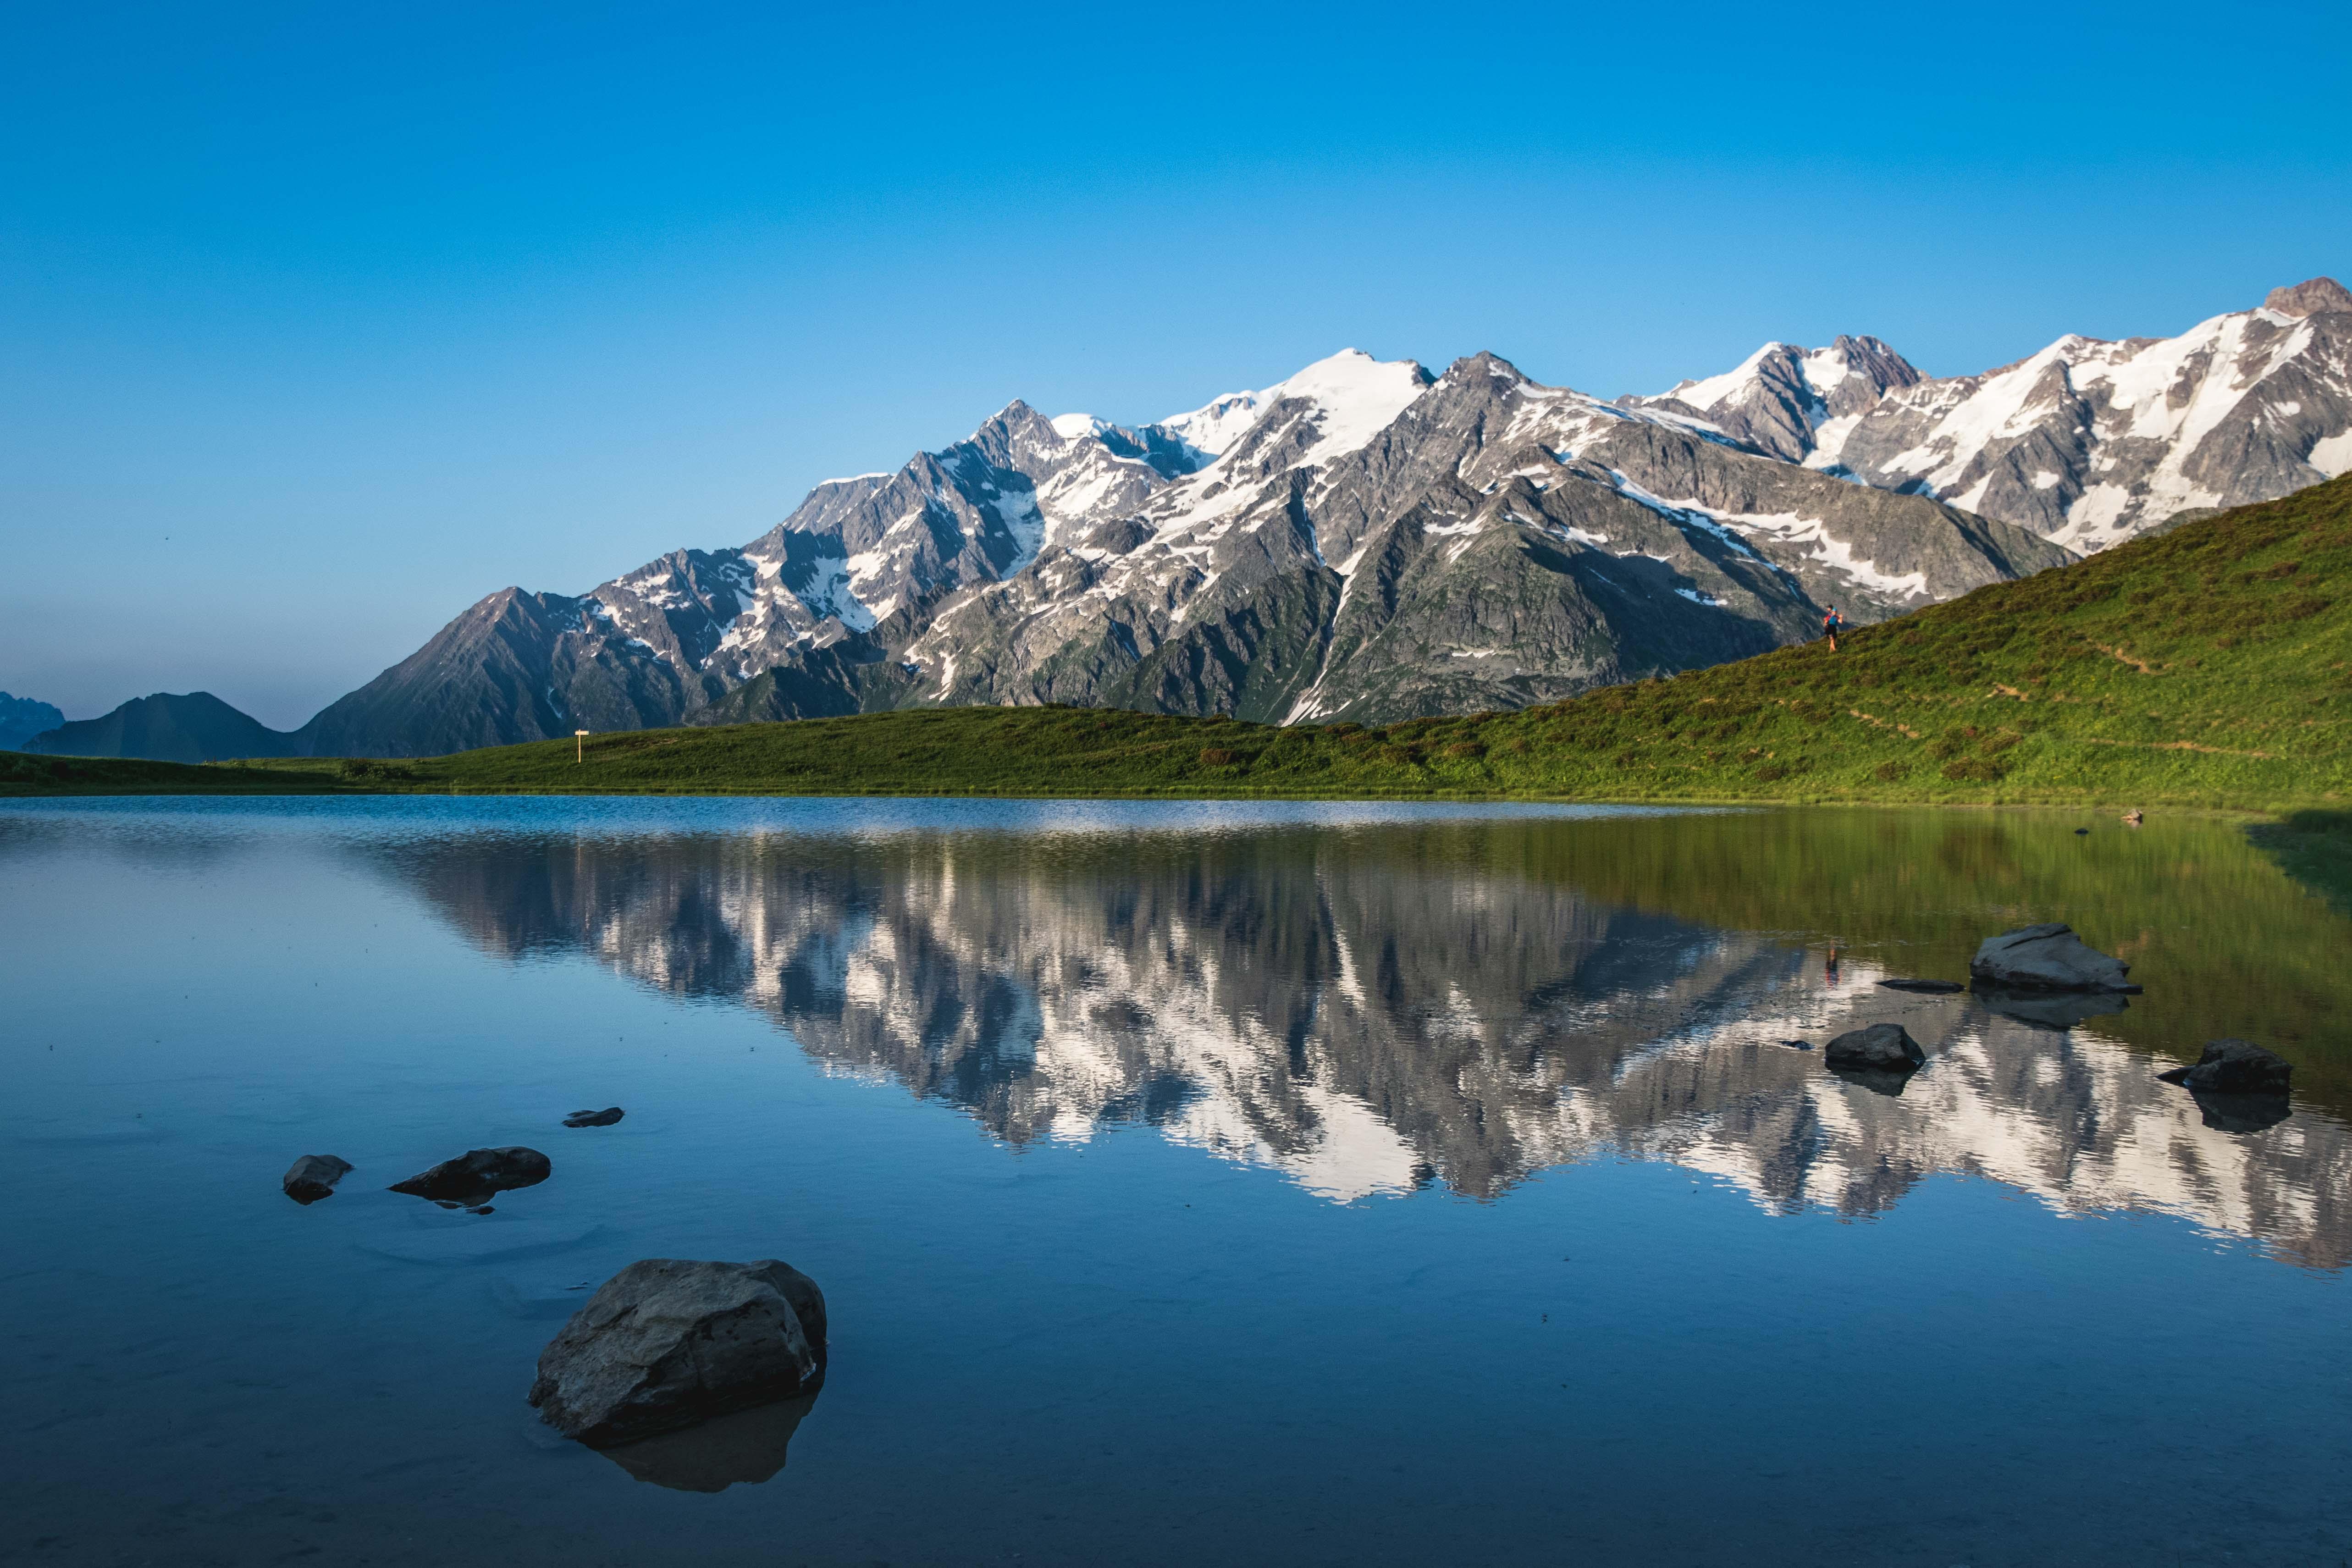 Le lac de Roselette et la chaine du Mont-Blanc